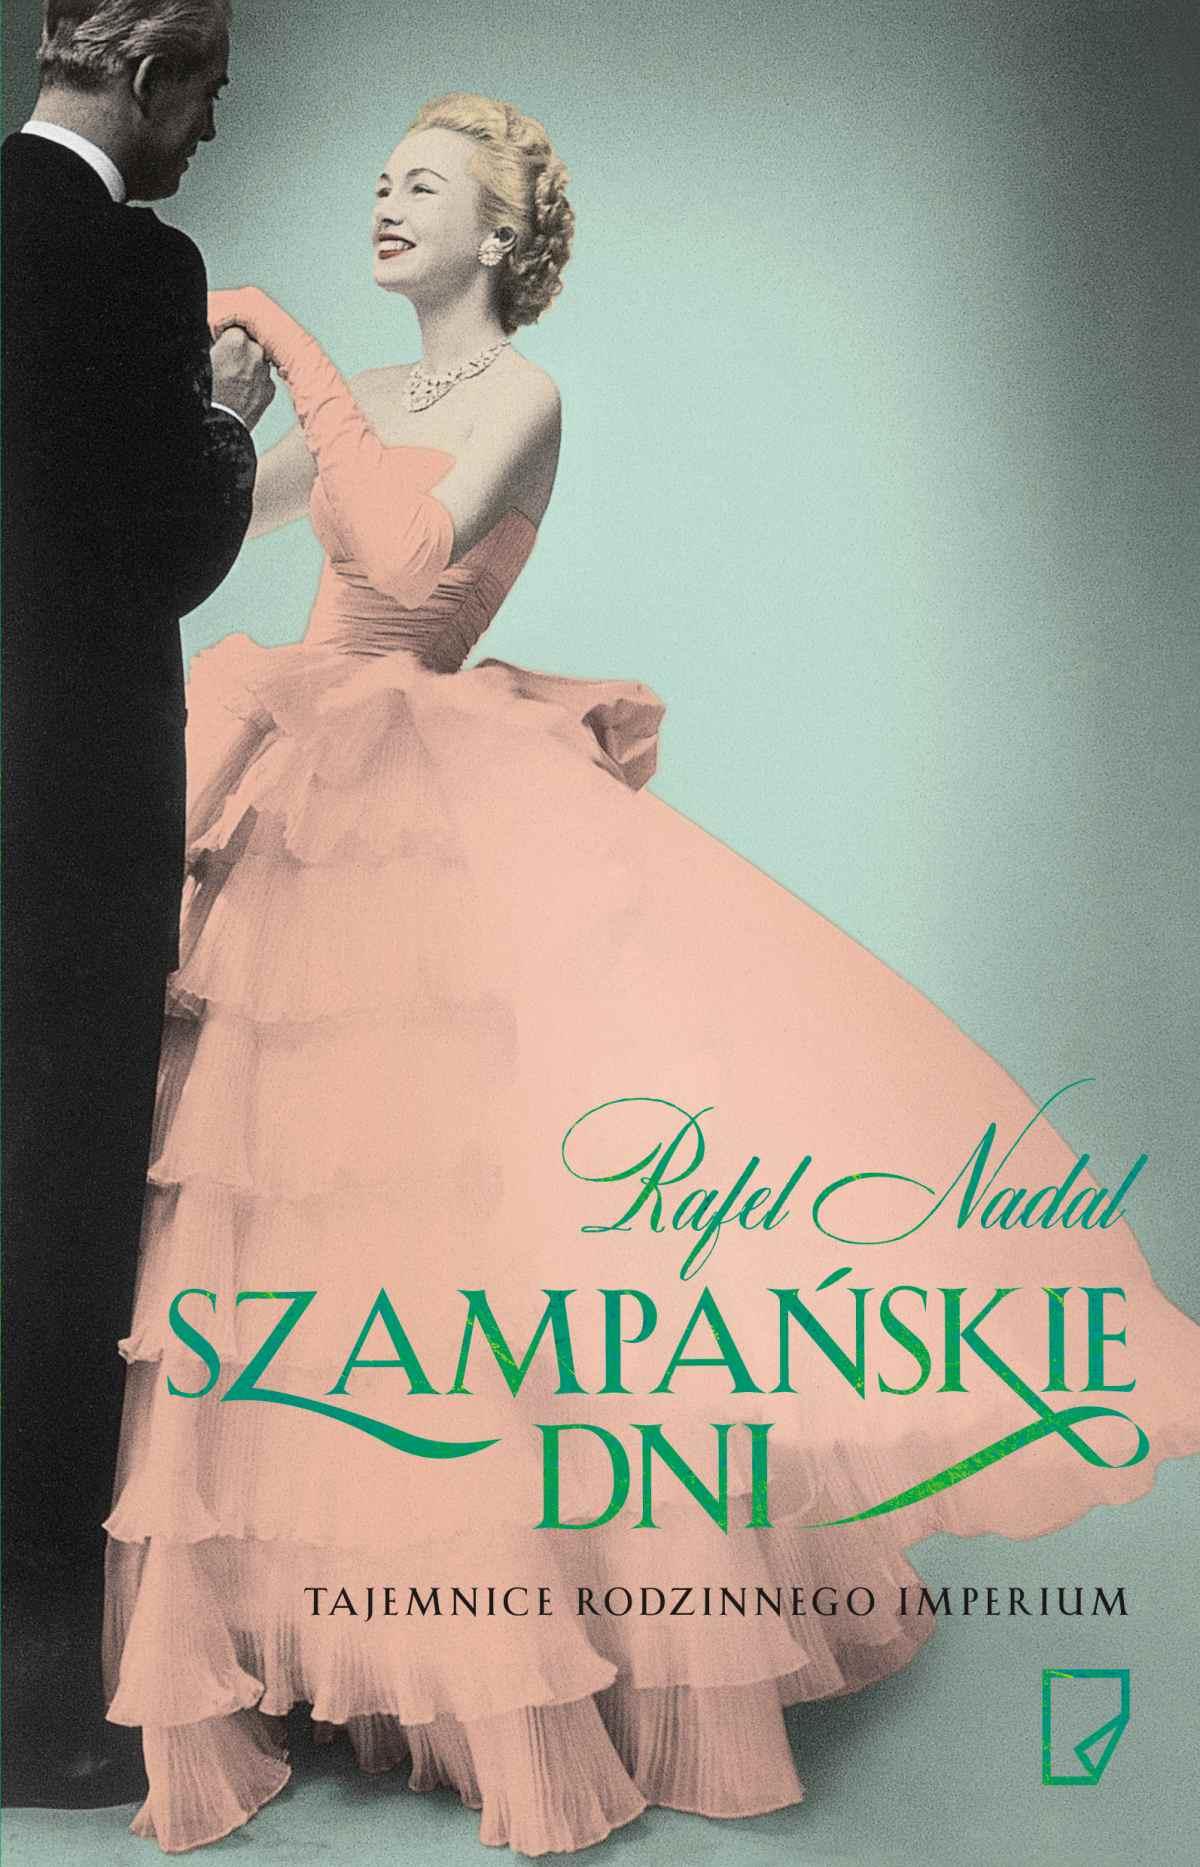 Szampańskie dni - Ebook (Książka na Kindle) do pobrania w formacie MOBI